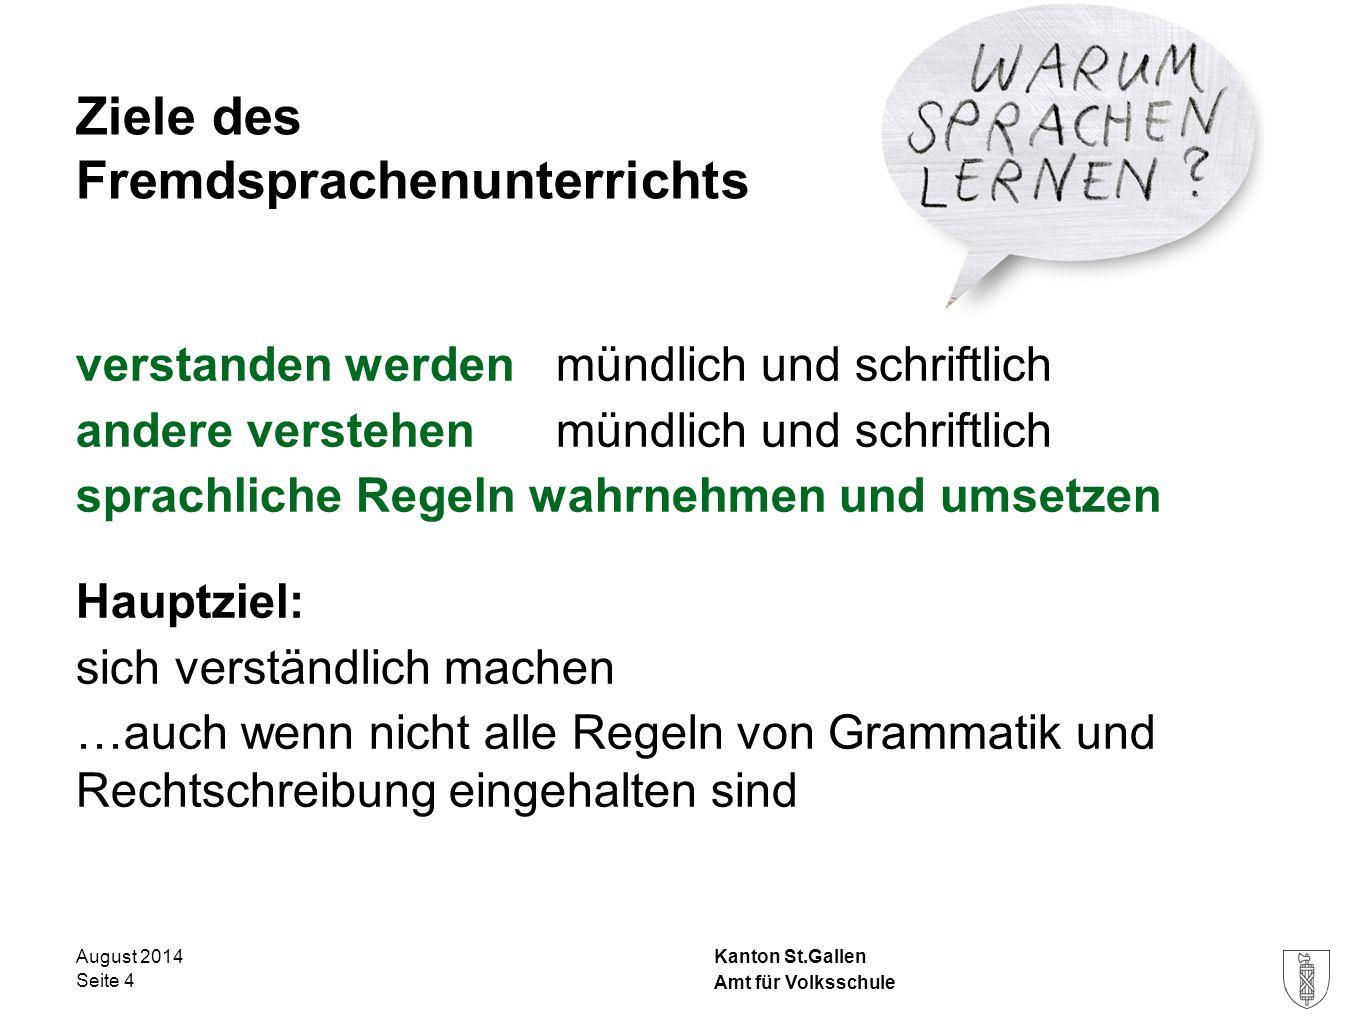 Kanton St.Gallen verstanden werden mündlich und schriftlich andere verstehenmündlich und schriftlich sprachliche Regeln wahrnehmen und umsetzen Hauptz